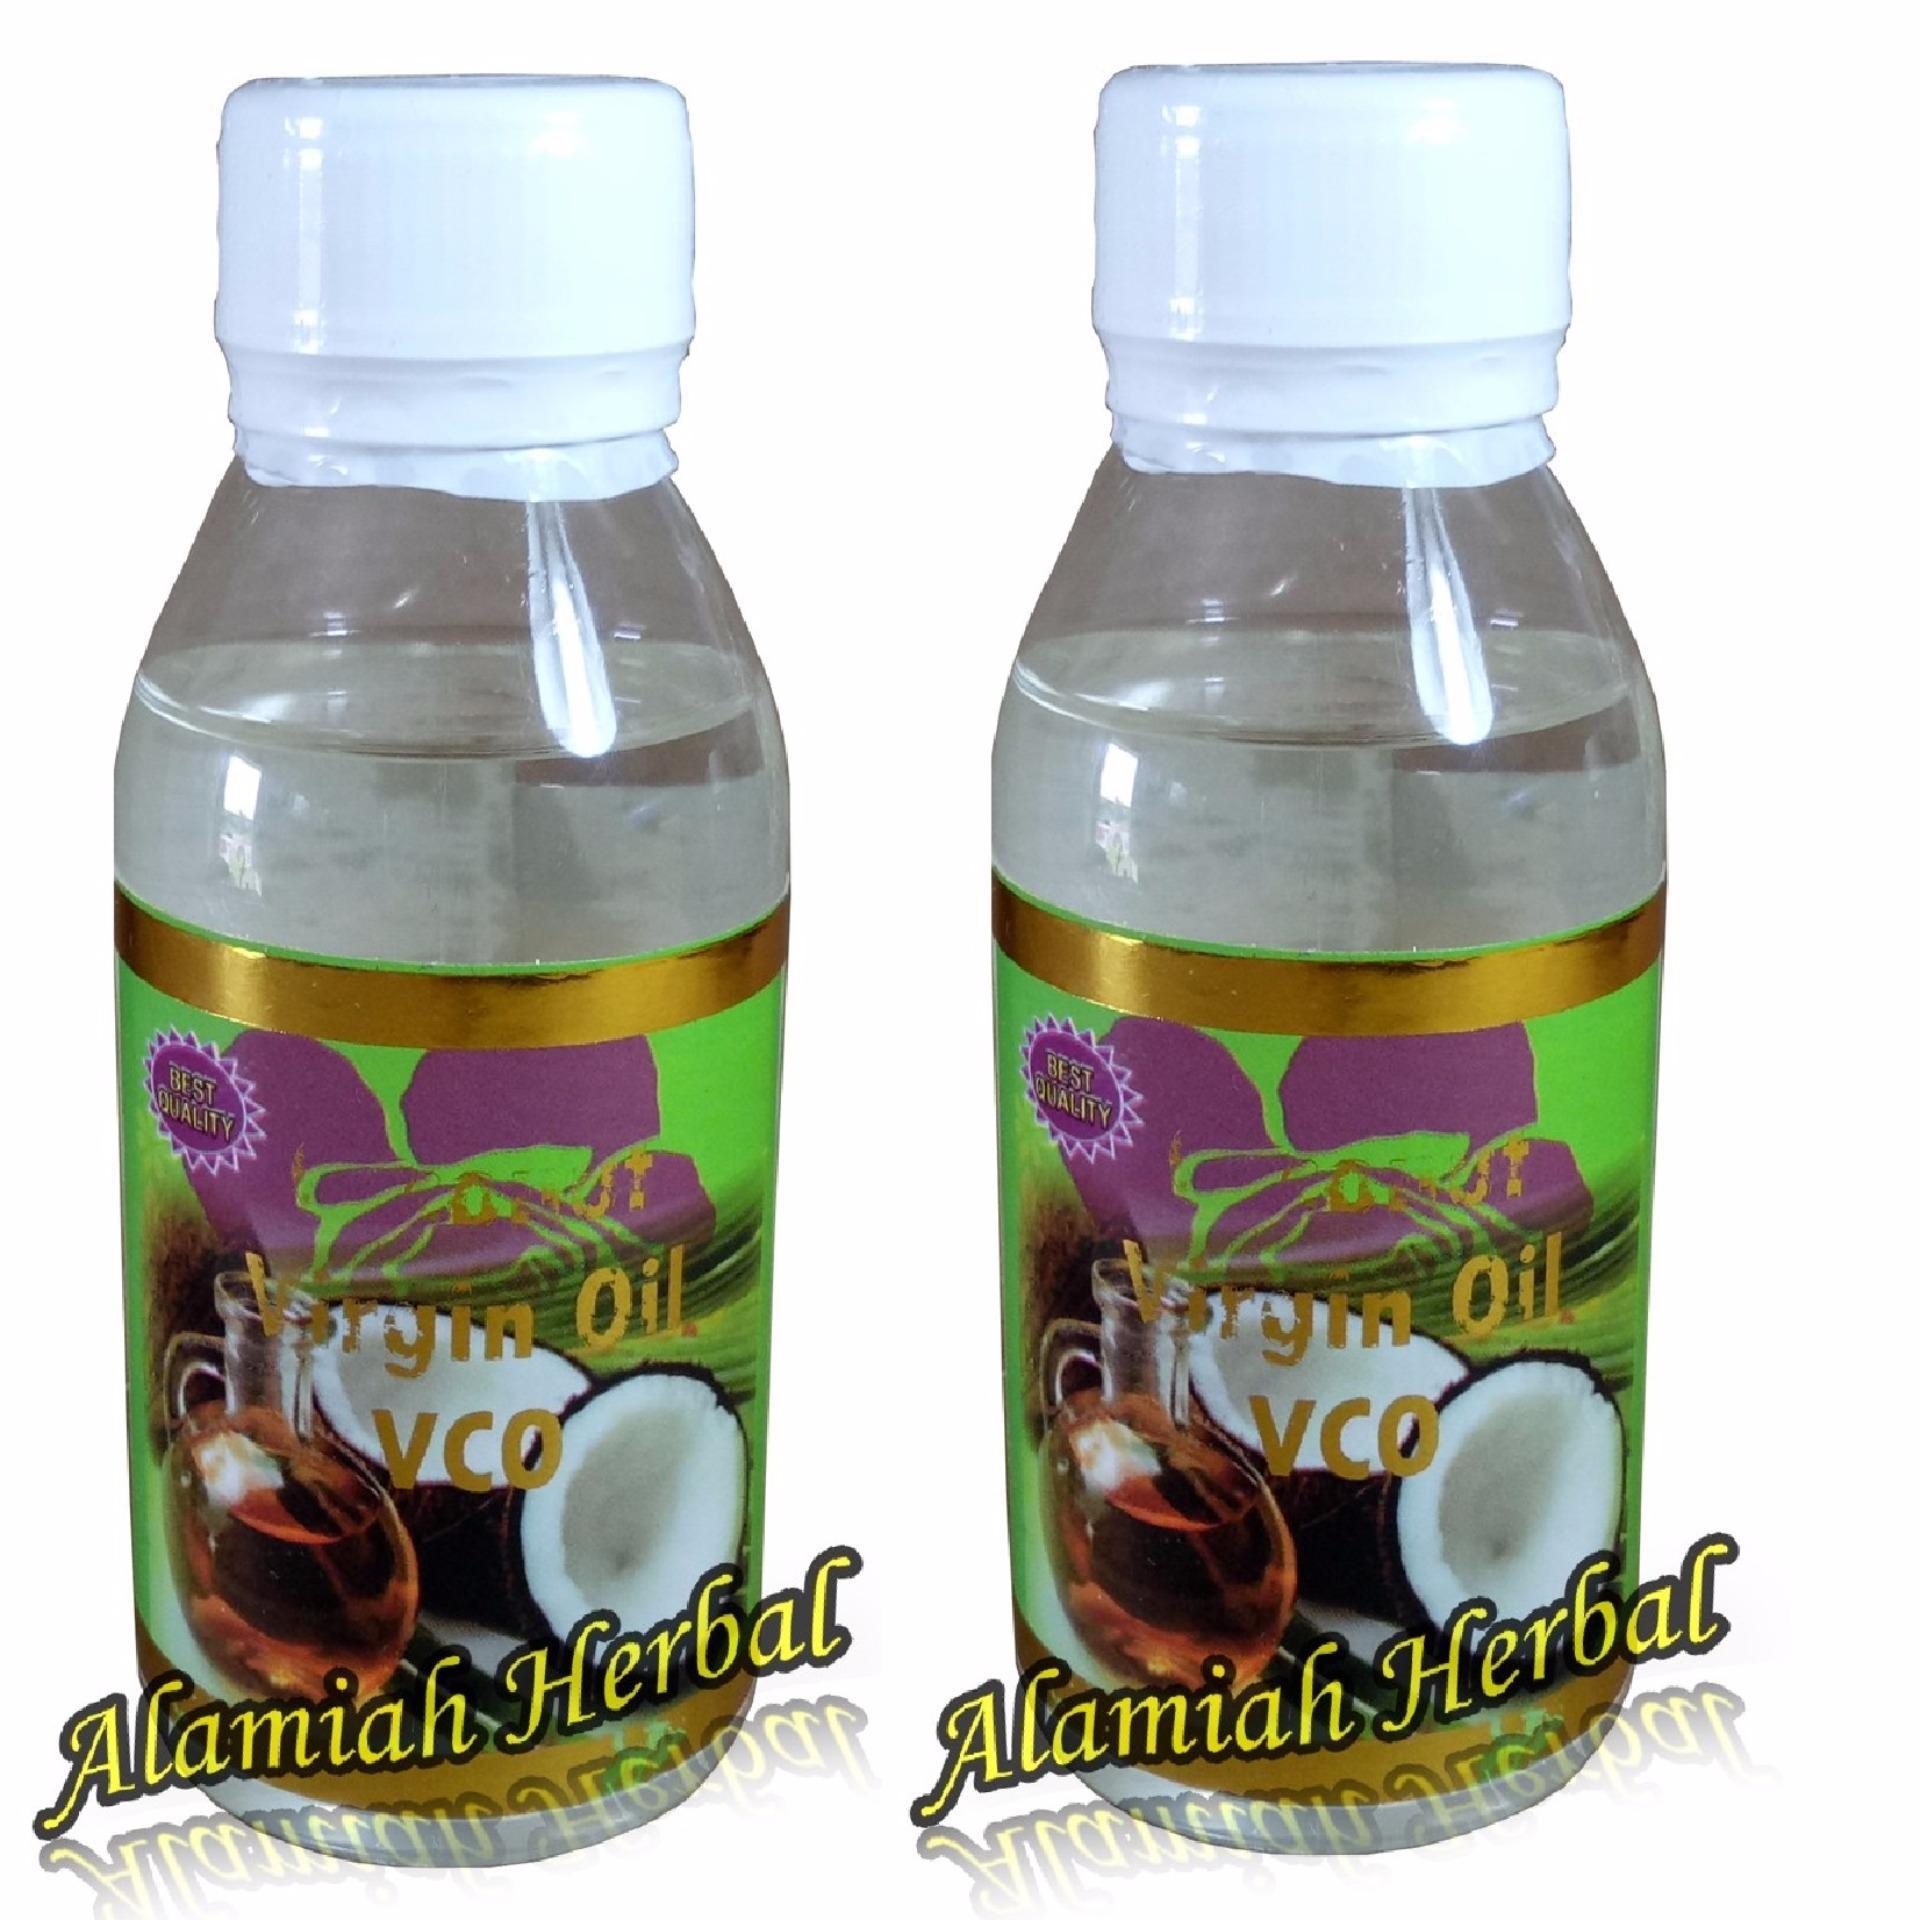 Tazakka Vicoma Virgin Coconut Oil Vco Minyak Kelapa Murni 120ml Kapsul Eza Paket 2pcs